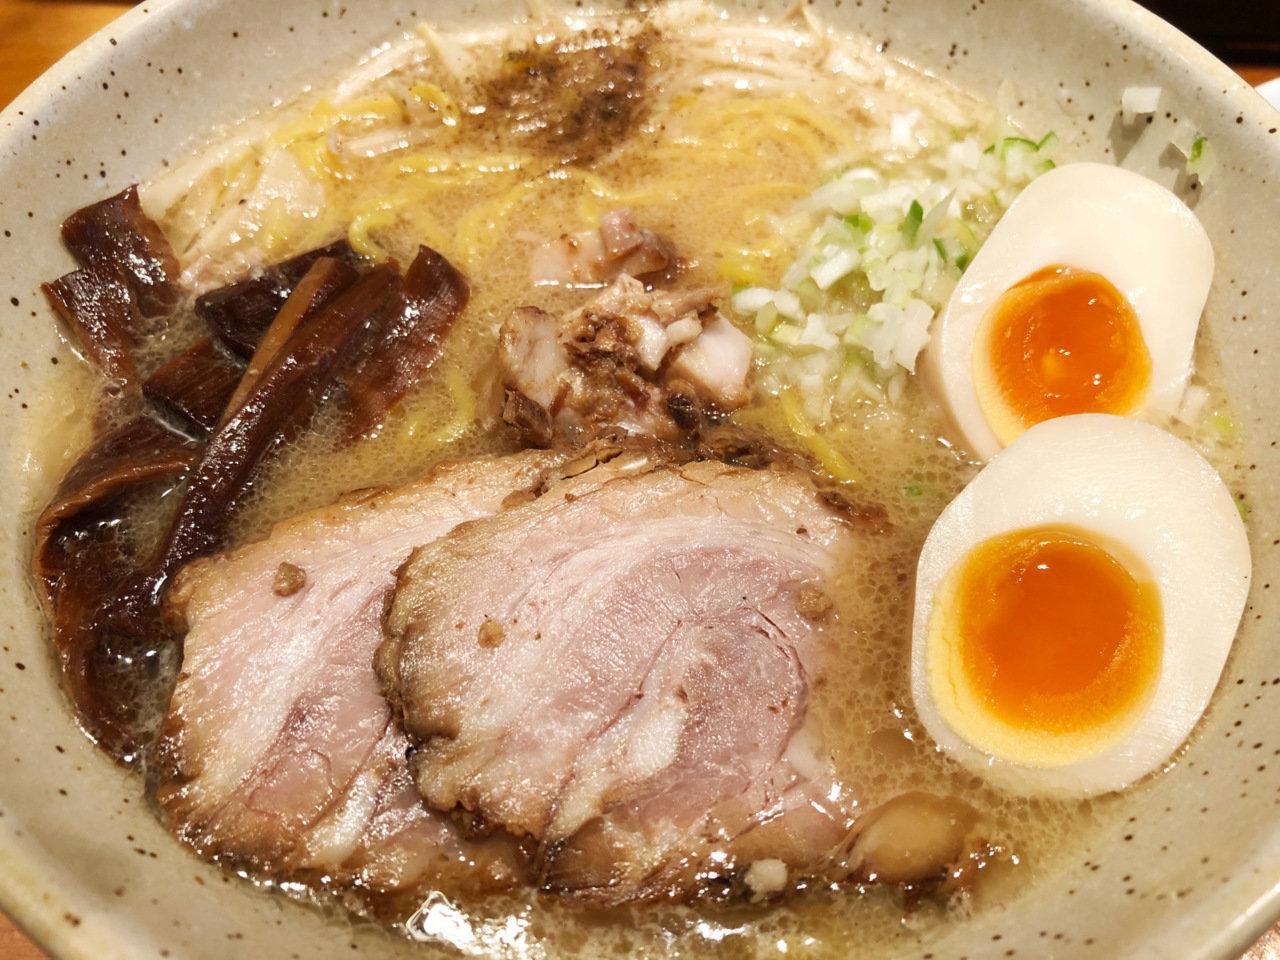 東京ローカルのおいしいラーメンが食べたい|特製味噌らーめんセット